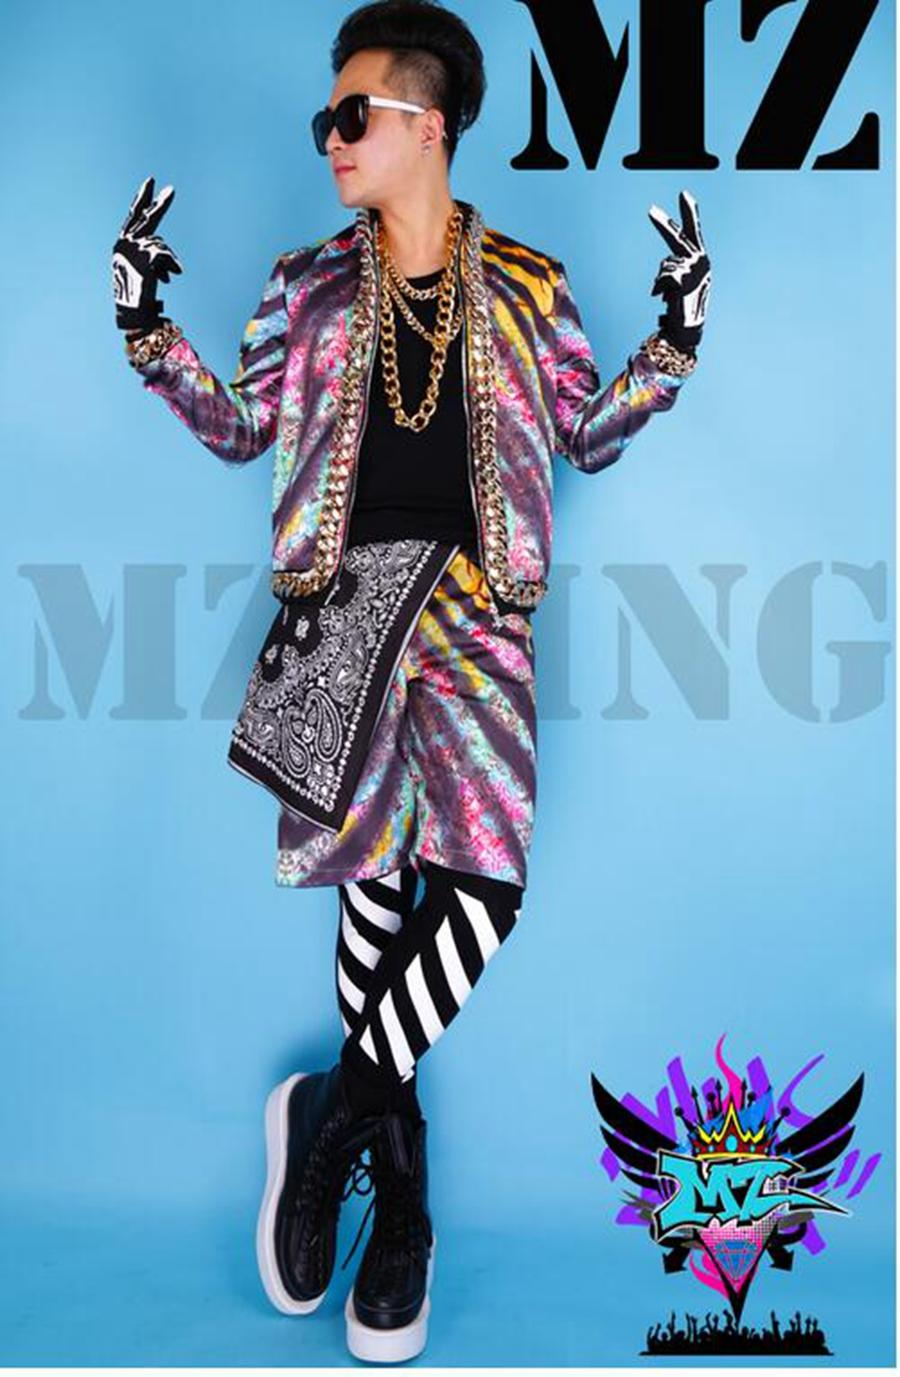 تبدو أندية المغني الذكور في أوروبا والممر مدرجًا على شكل انبهار مطبوع عليها أزياء كبيرة الحجم من سلسلة النمر. S - 6 xl